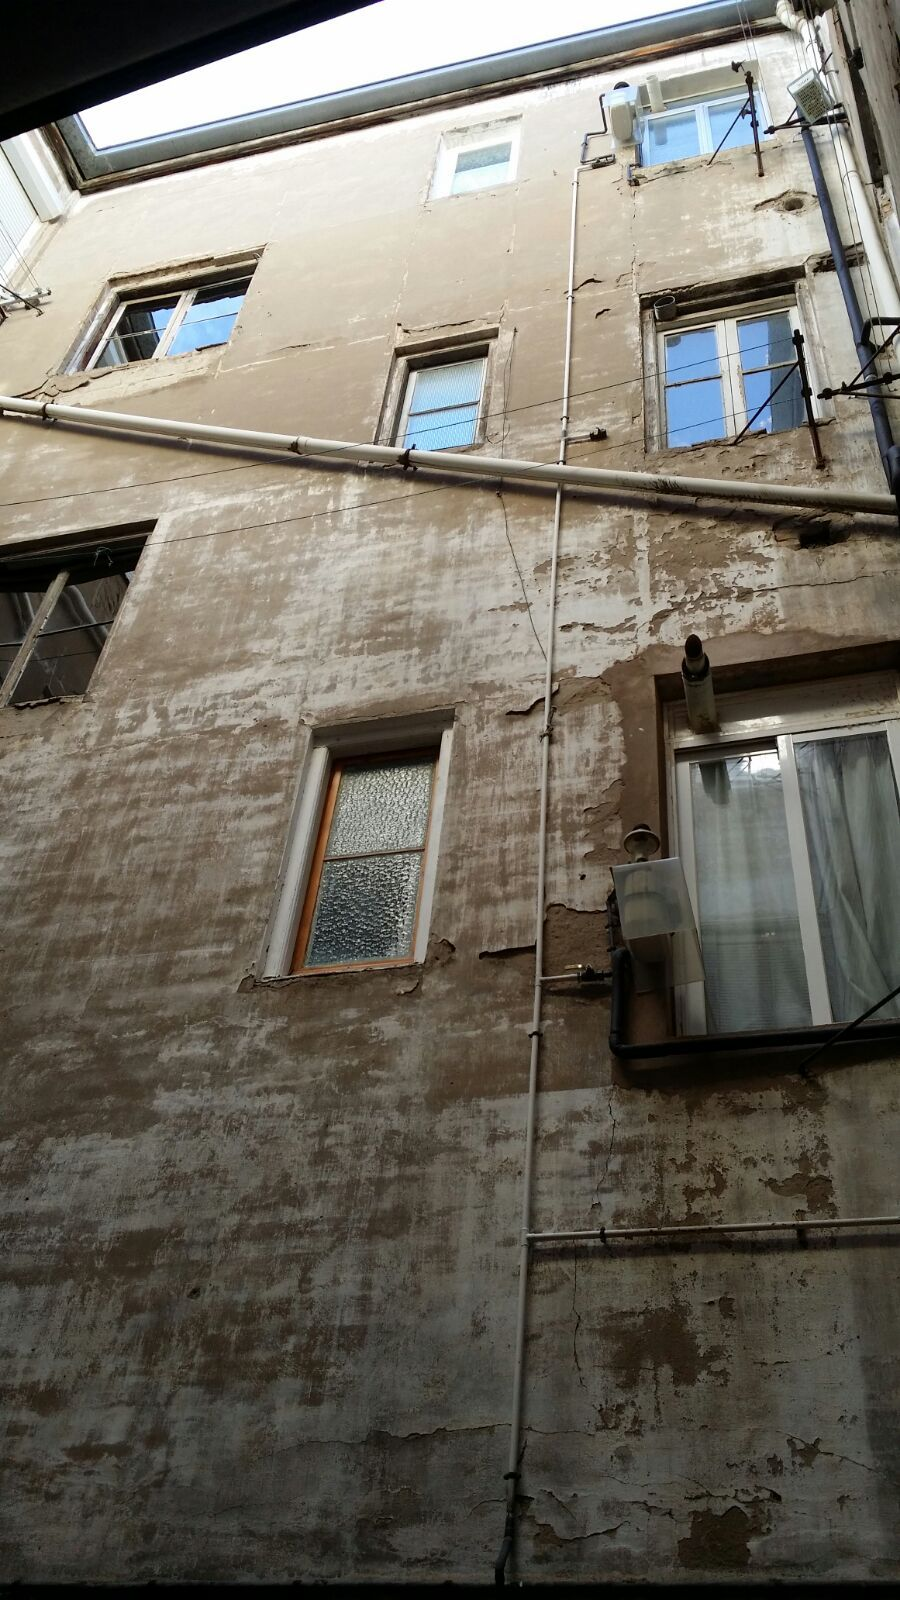 Patio interior de comunidad de vecinos para obra de restauración